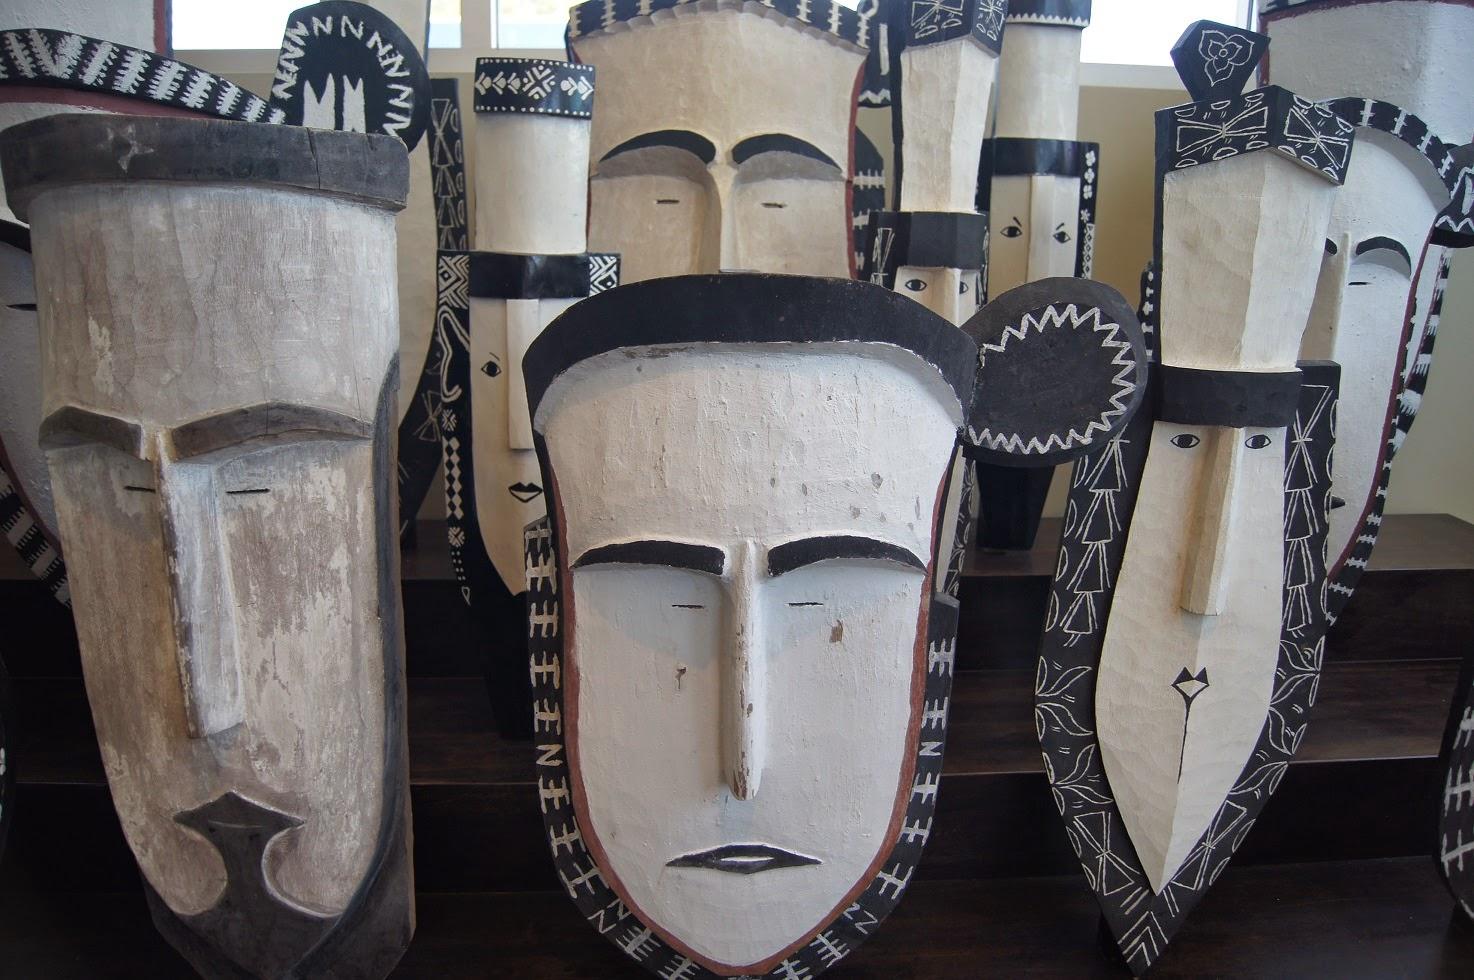 Mimi S Suitcase Pacific Island Ethnic Art Museum